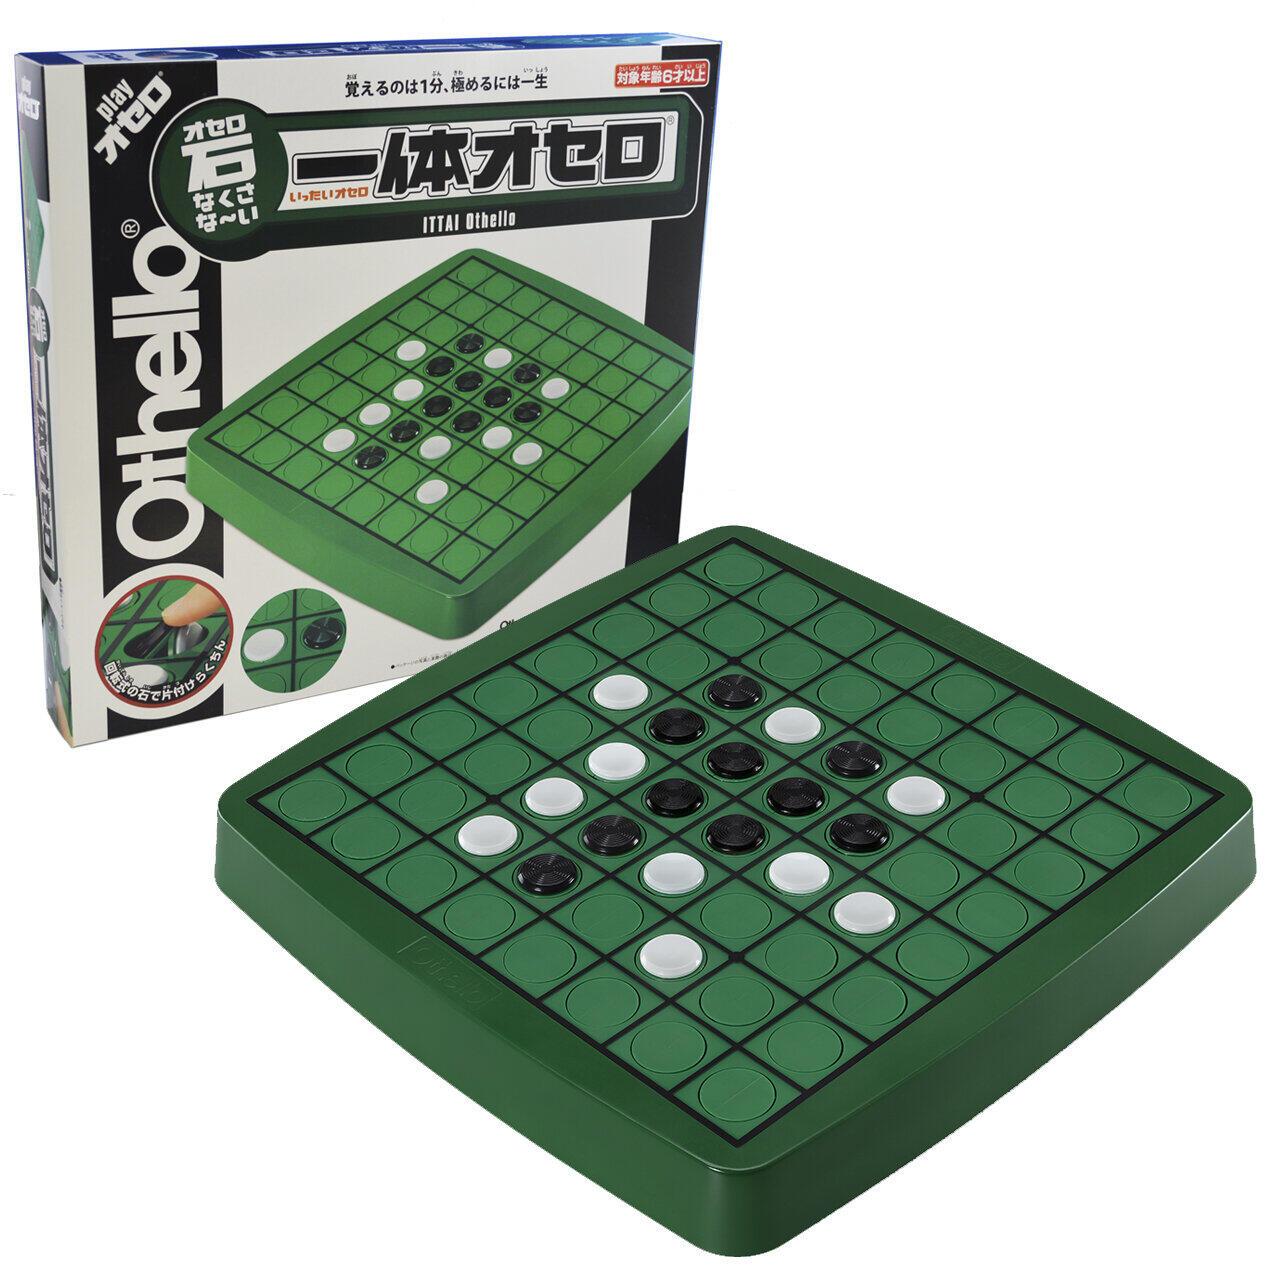 奥深い戦略性、ボードゲームの決定版がより遊びやすく進化